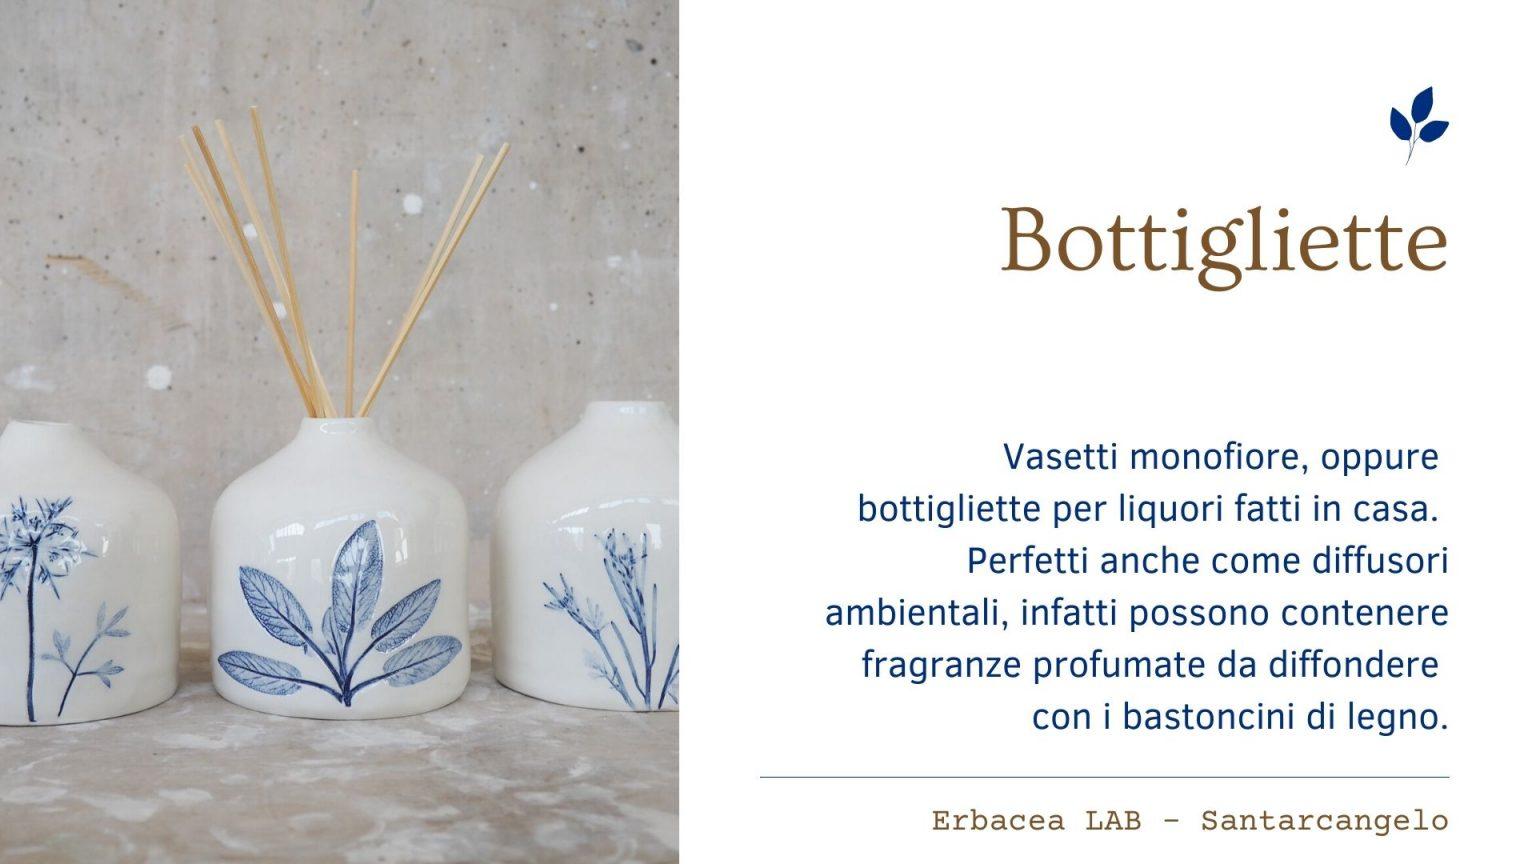 Bomboniere in Ceramica - bottigliette